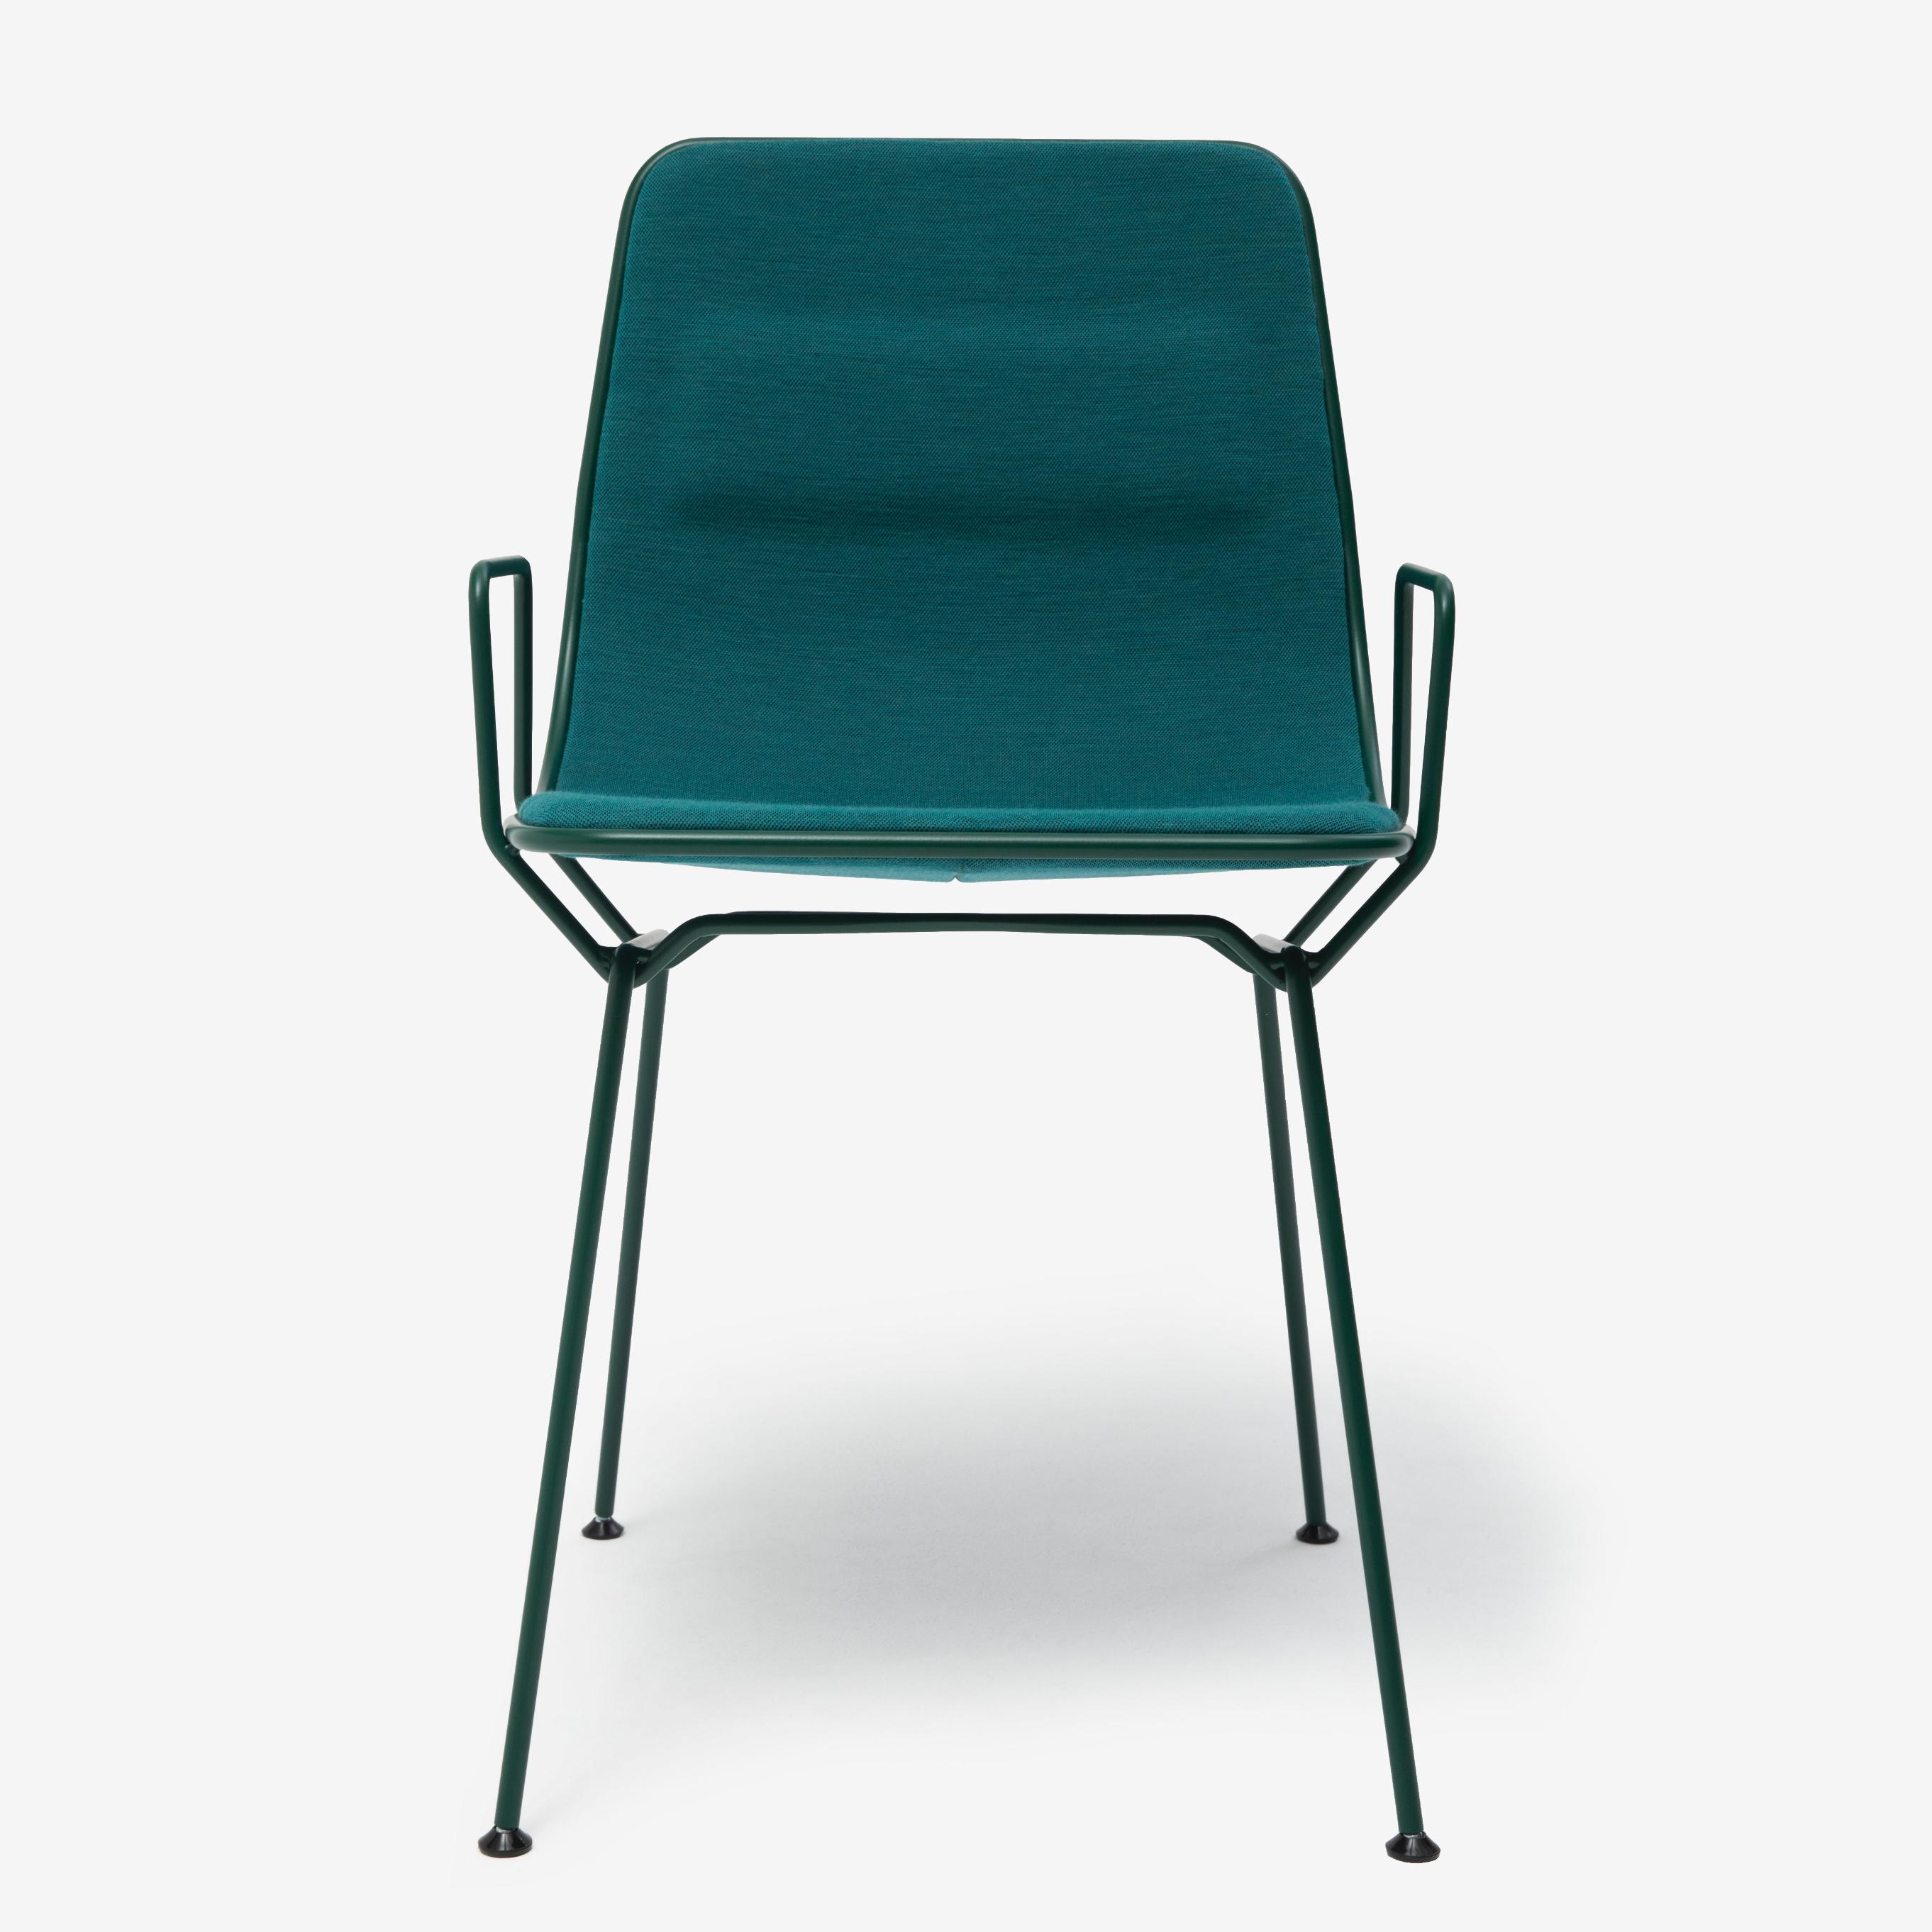 moko chair_handle_5-2